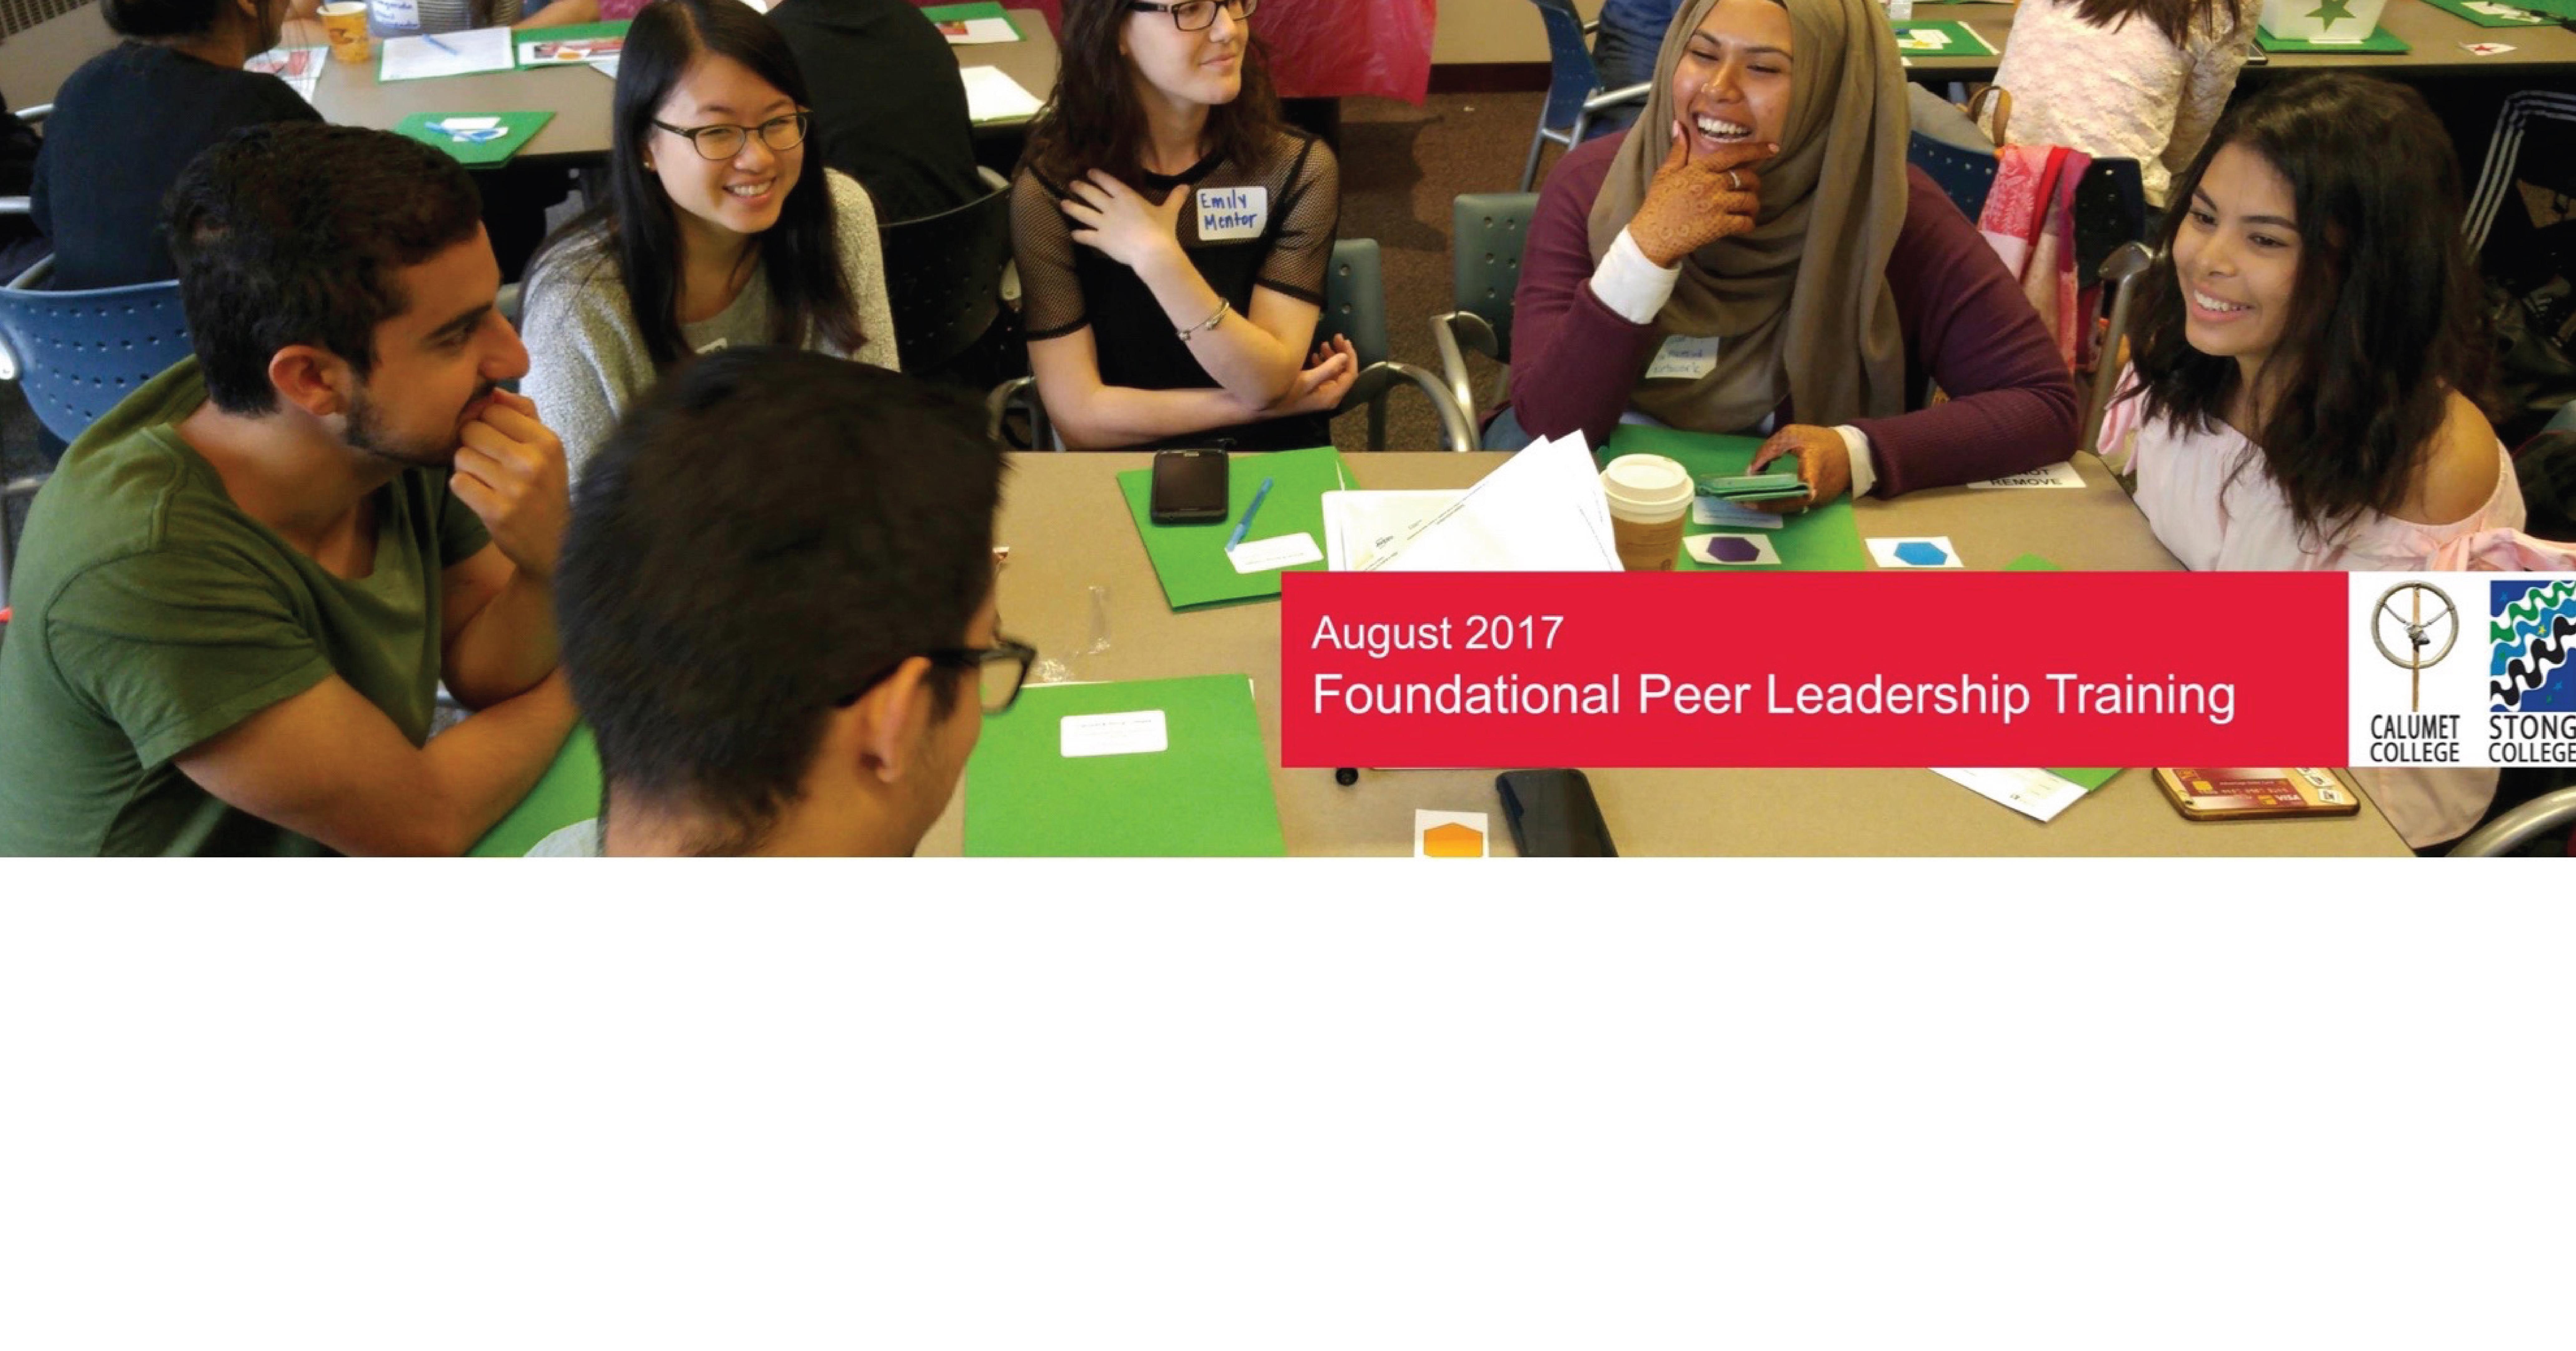 Foundational Peer Leadership Training